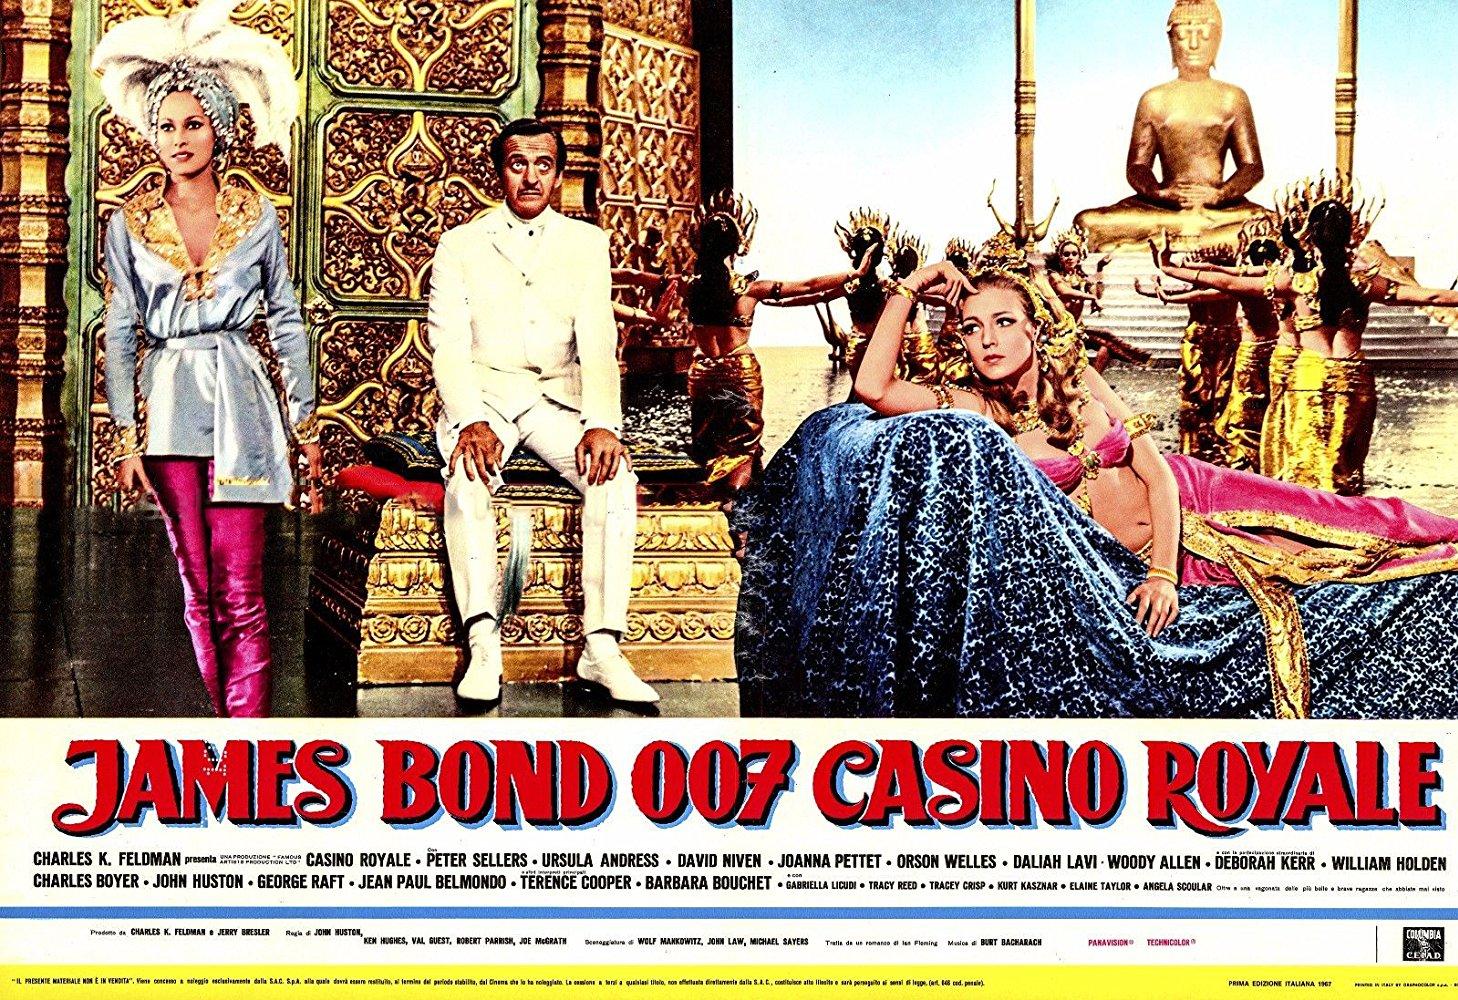 1967 онлайн рояль казино